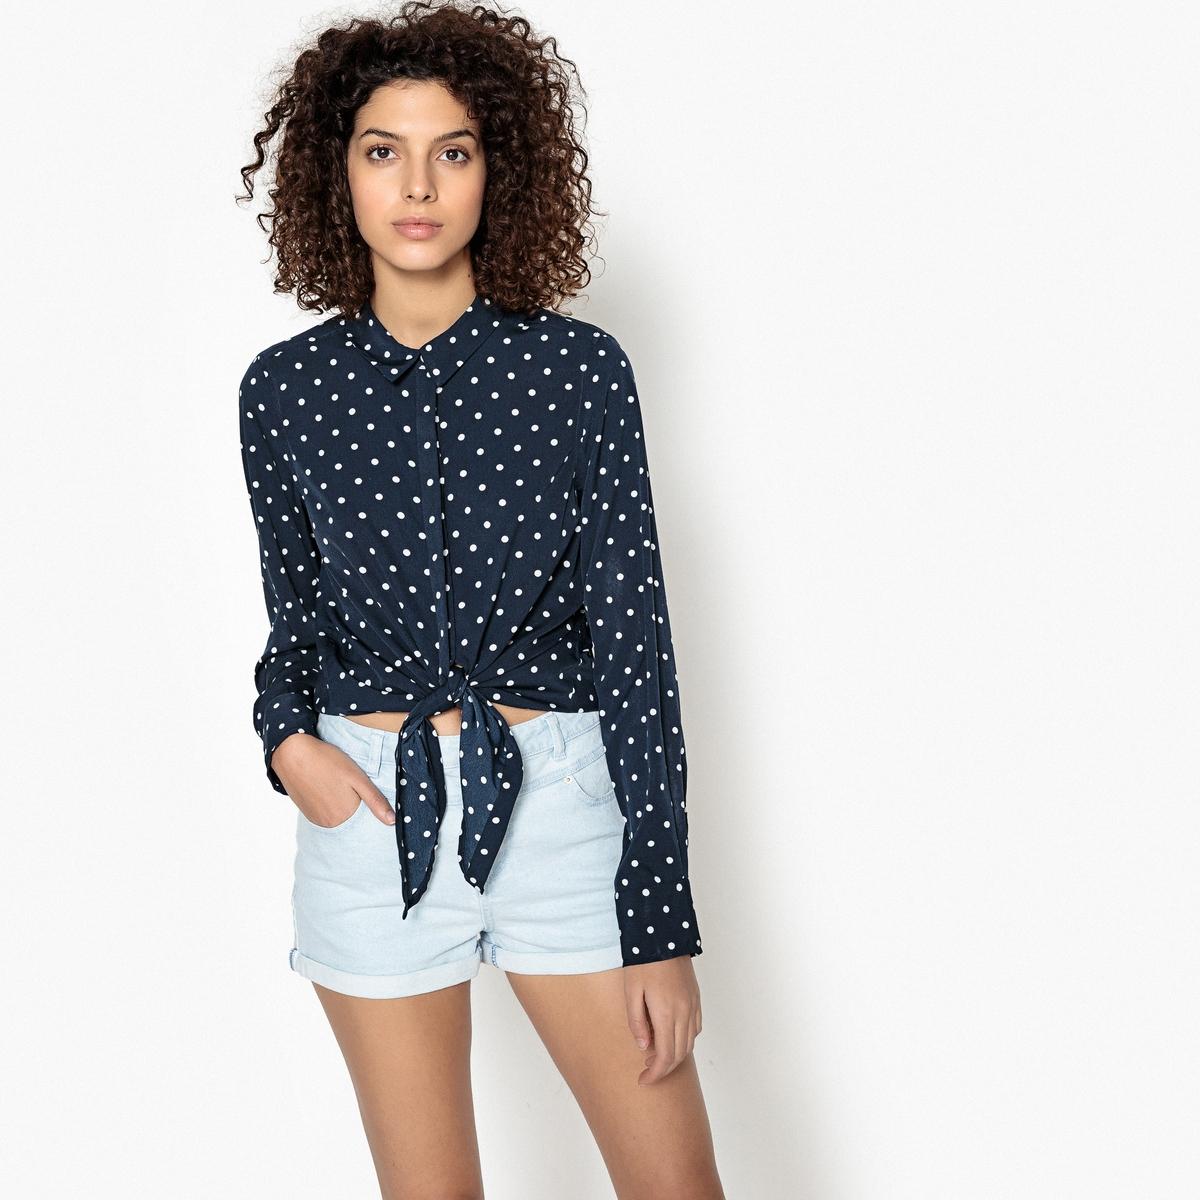 Рубашка прямого покроя с длинными рукавами и воротником-поло футболка с воротником поло длинными рукавами и пуговицами спереди